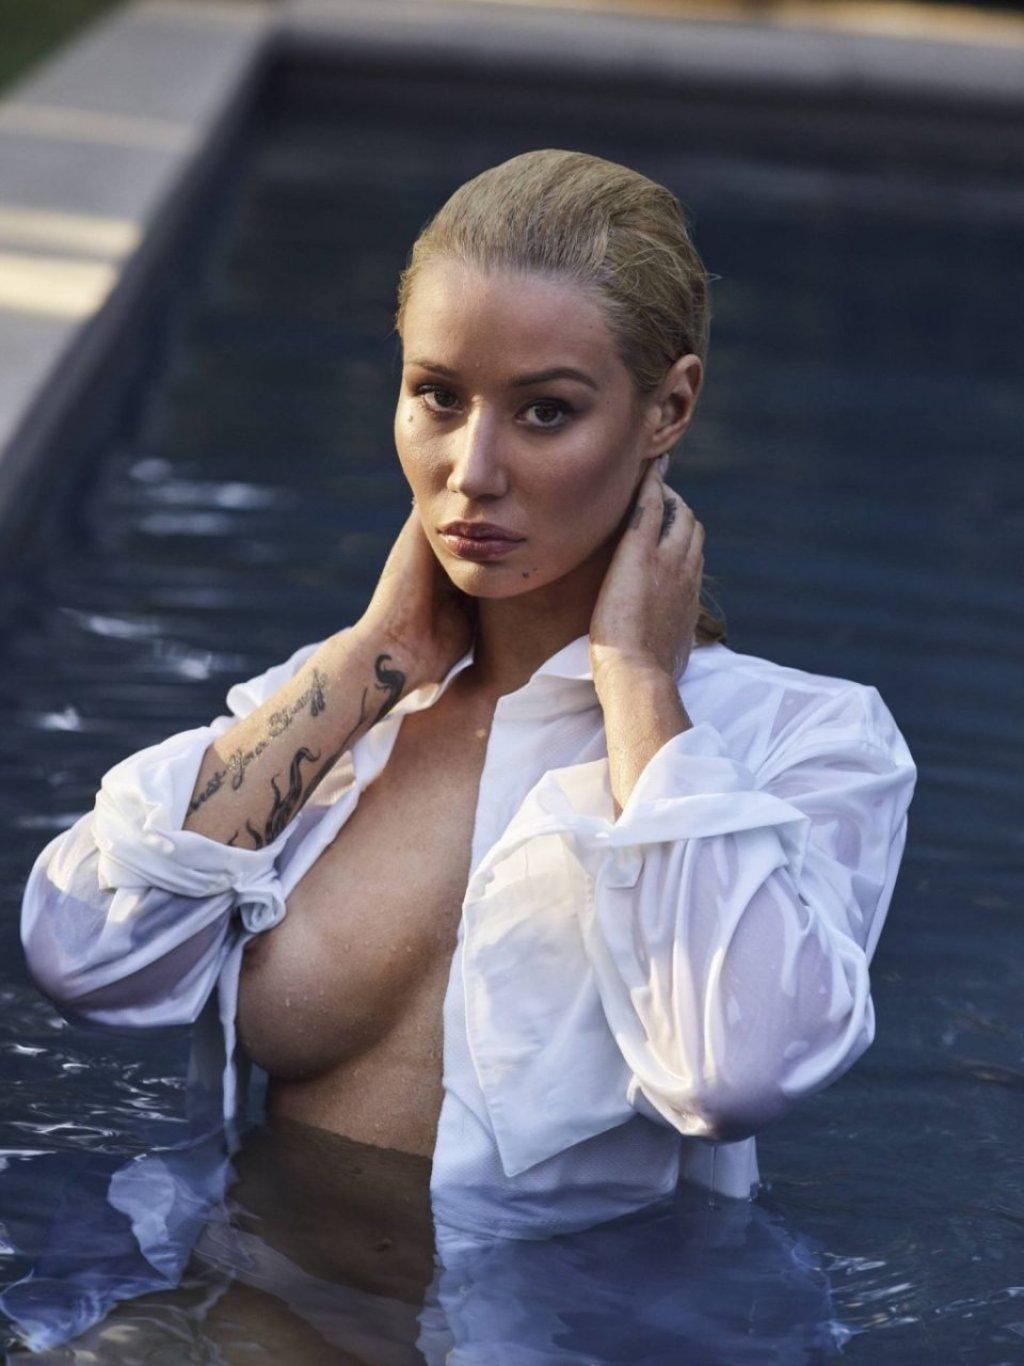 Iggy Azalea Nude Leaked Fappening (2 New Photos)